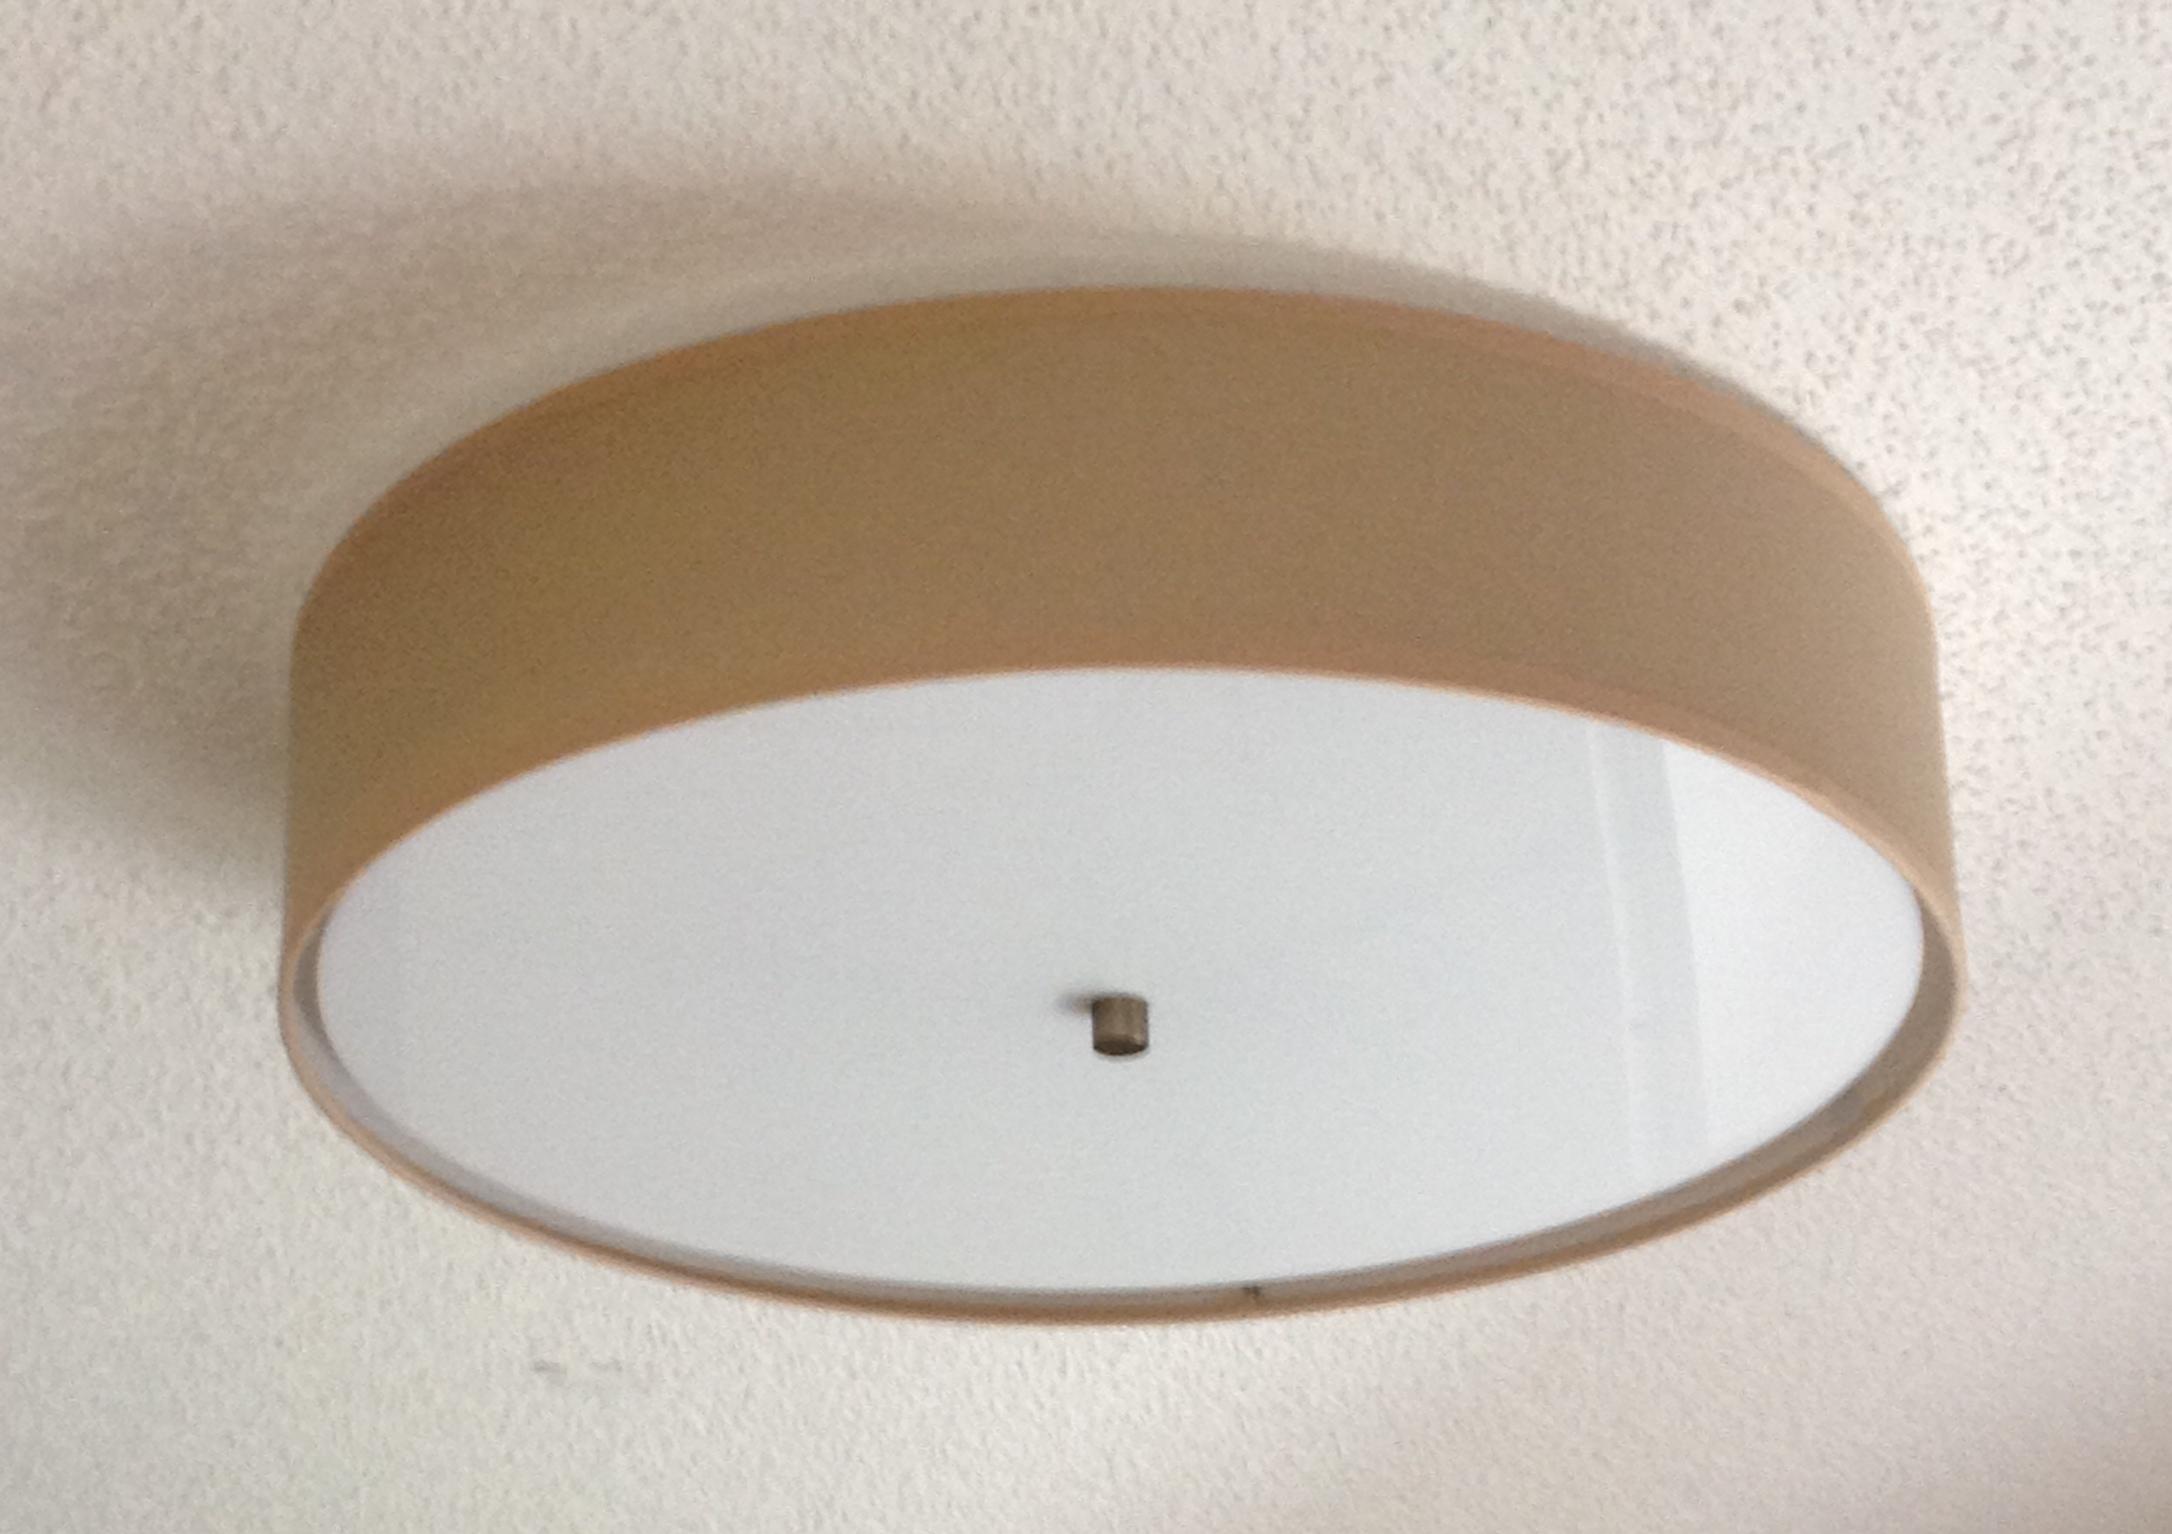 Flush mount linen drum shade light fixture st lighting llc aloadofball Choice Image